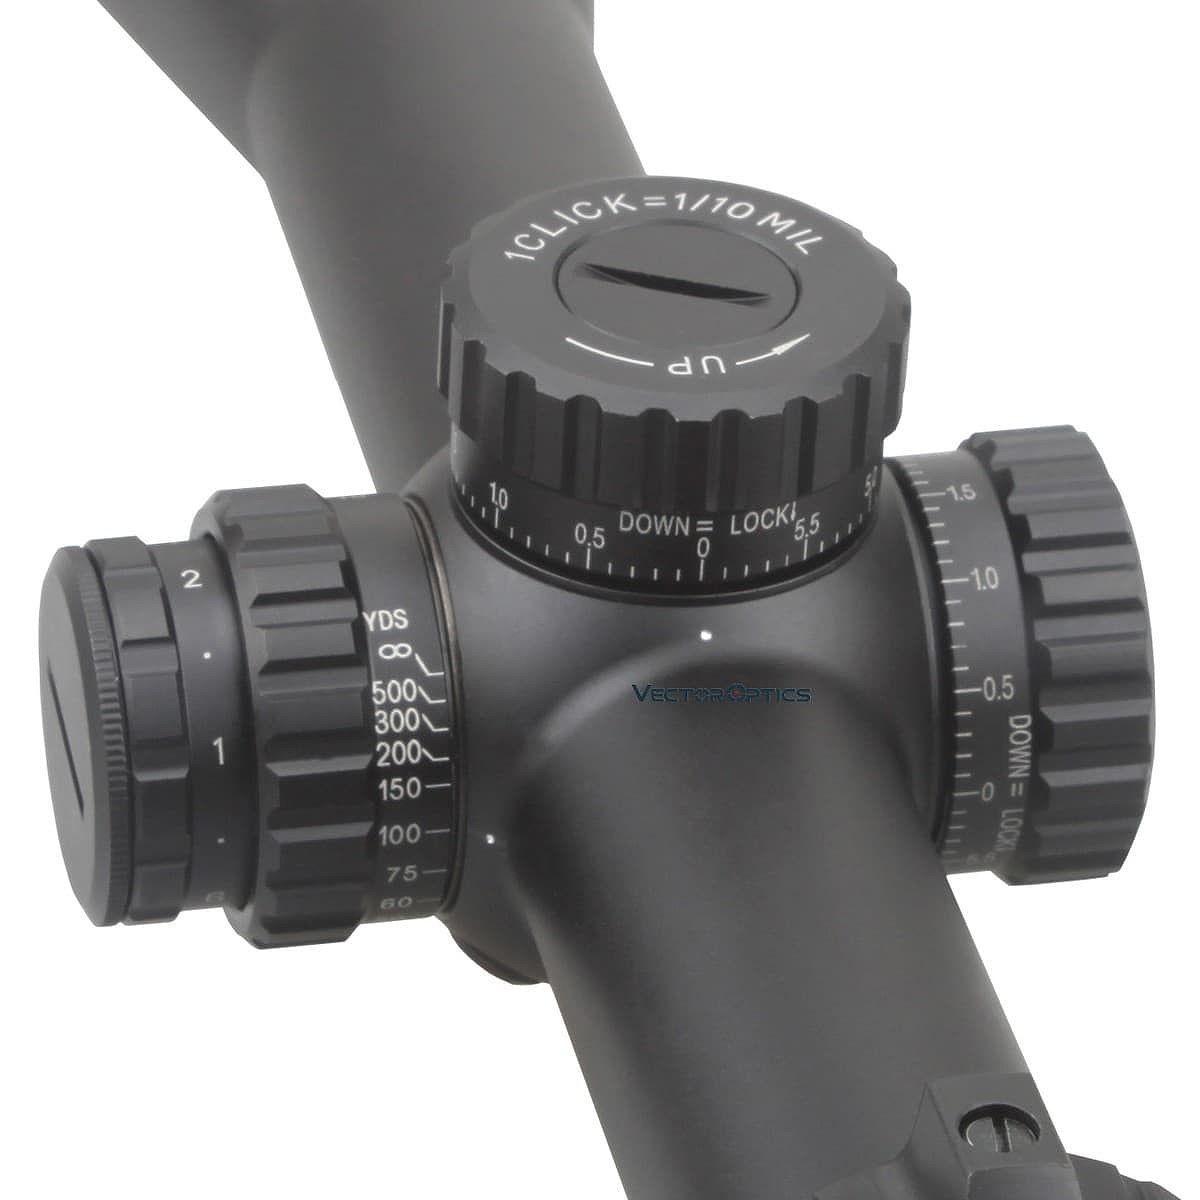 【お届け予定日: 6月30日】ベクターオプティクス ライフルスコープ Taurus 4-24x50  Vector Optics SCFF-17